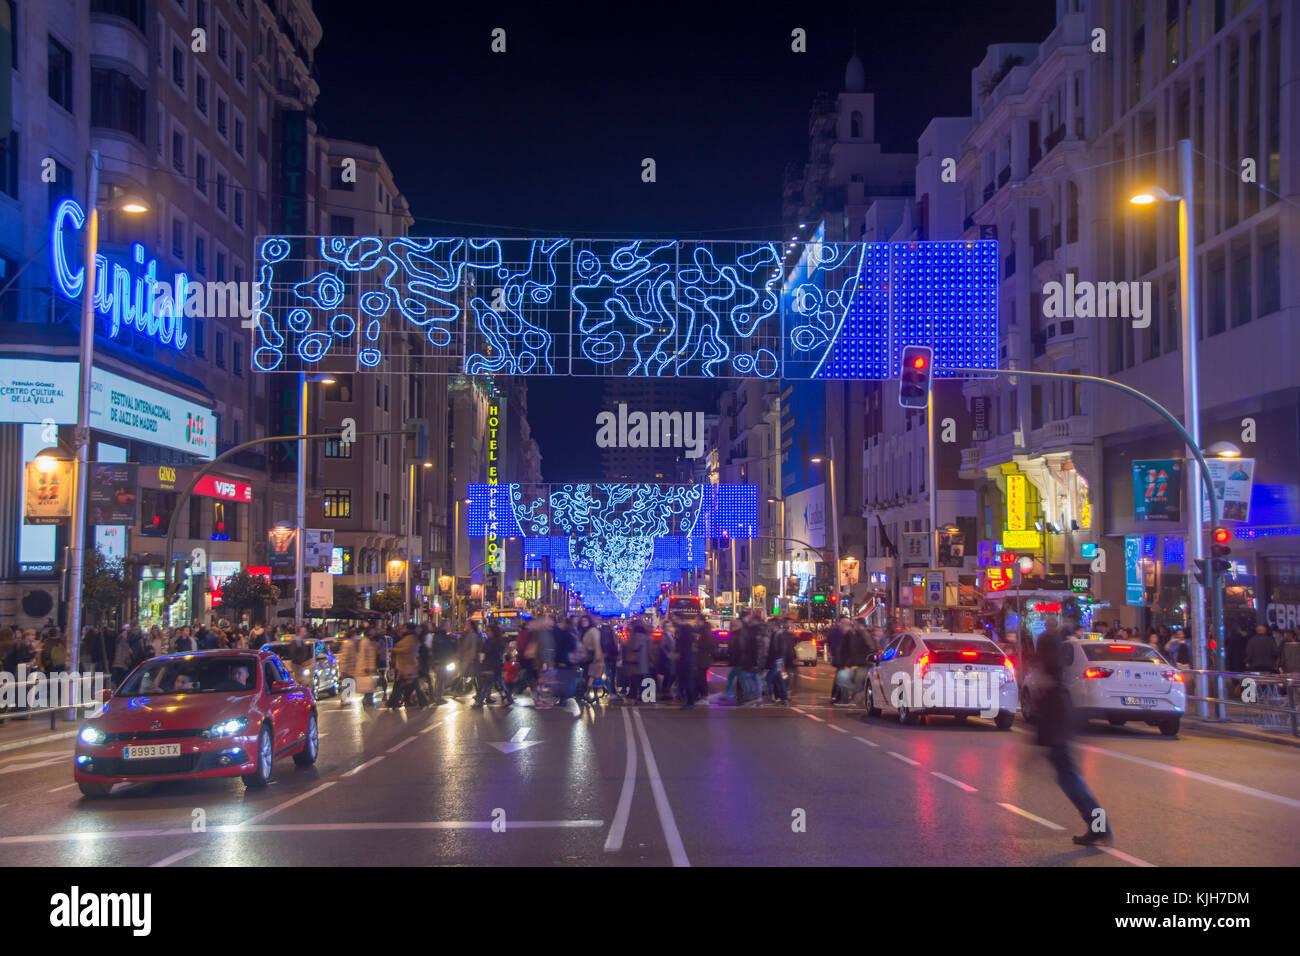 Madrid, Spagna. 24 Novembre, 2017. Le persone si radunano per guardare un massiccio tradizionale albero di Natale Immagini Stock